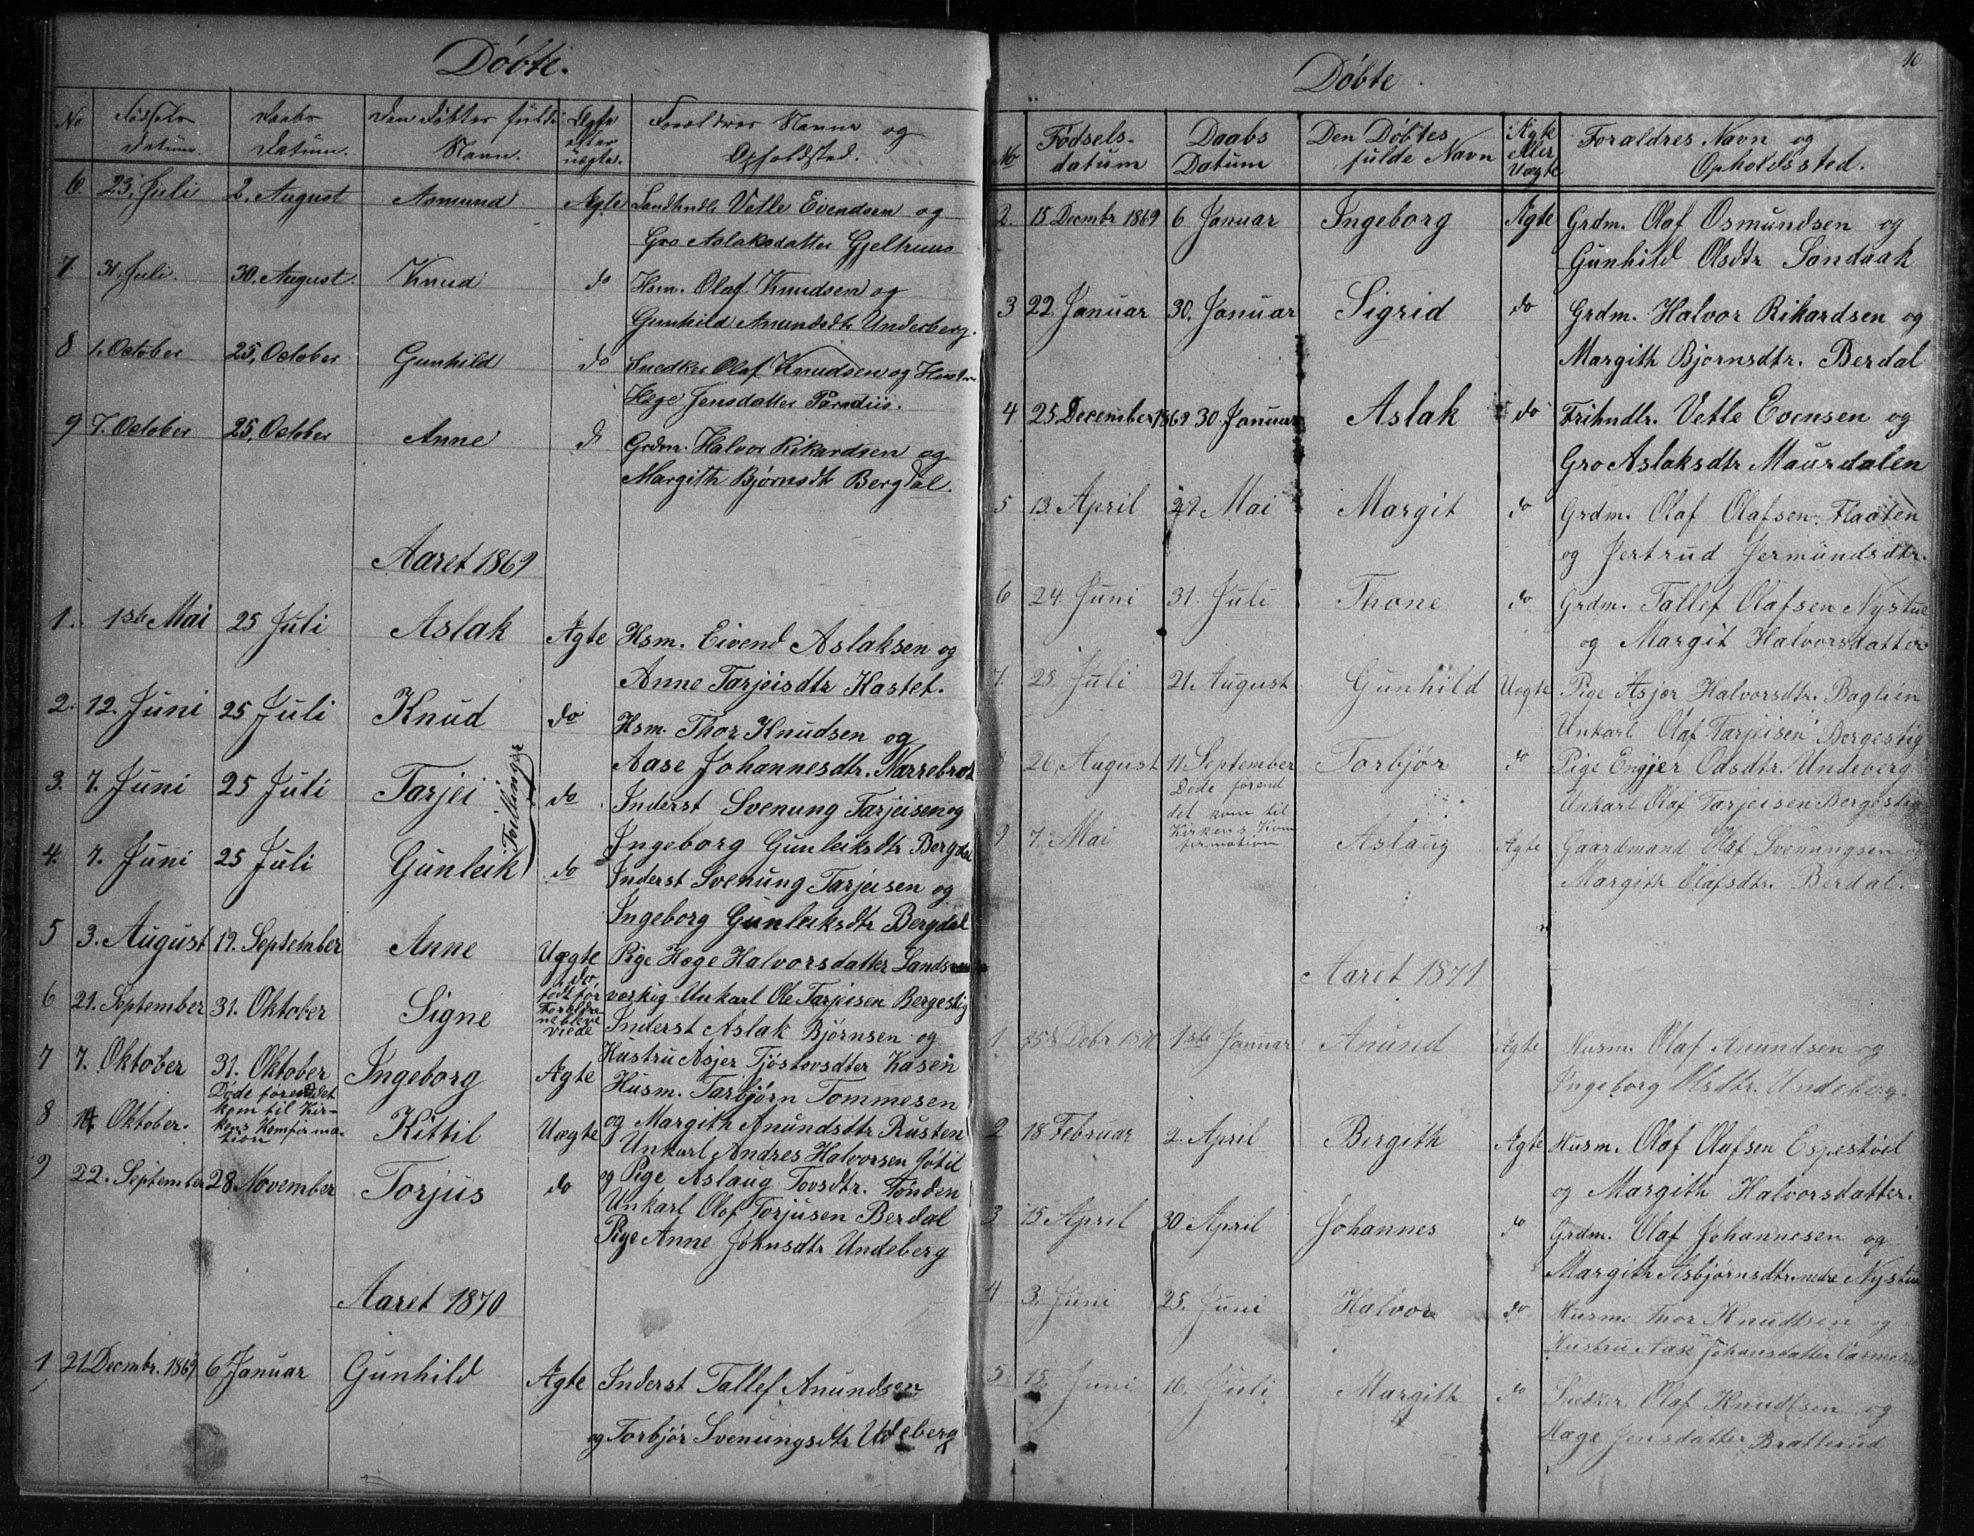 SAKO, Vinje kirkebøker, G/Gb/L0002: Klokkerbok nr. II 2, 1849-1891, s. 10